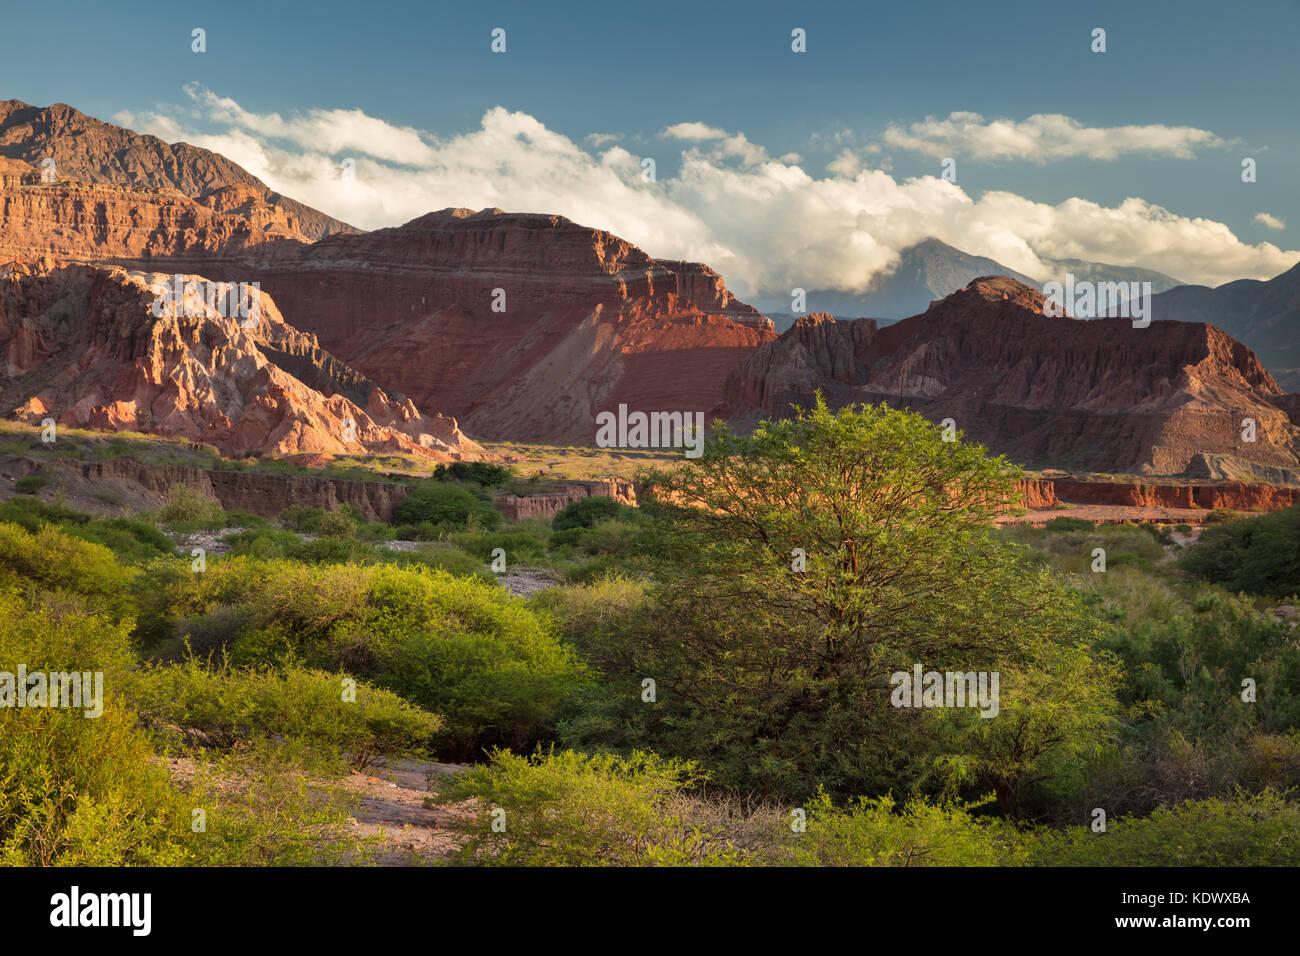 Tla Quebrada de la caracolas, Valles Calchaquíes, Provincia de Salta, Argentina Imagen De Stock